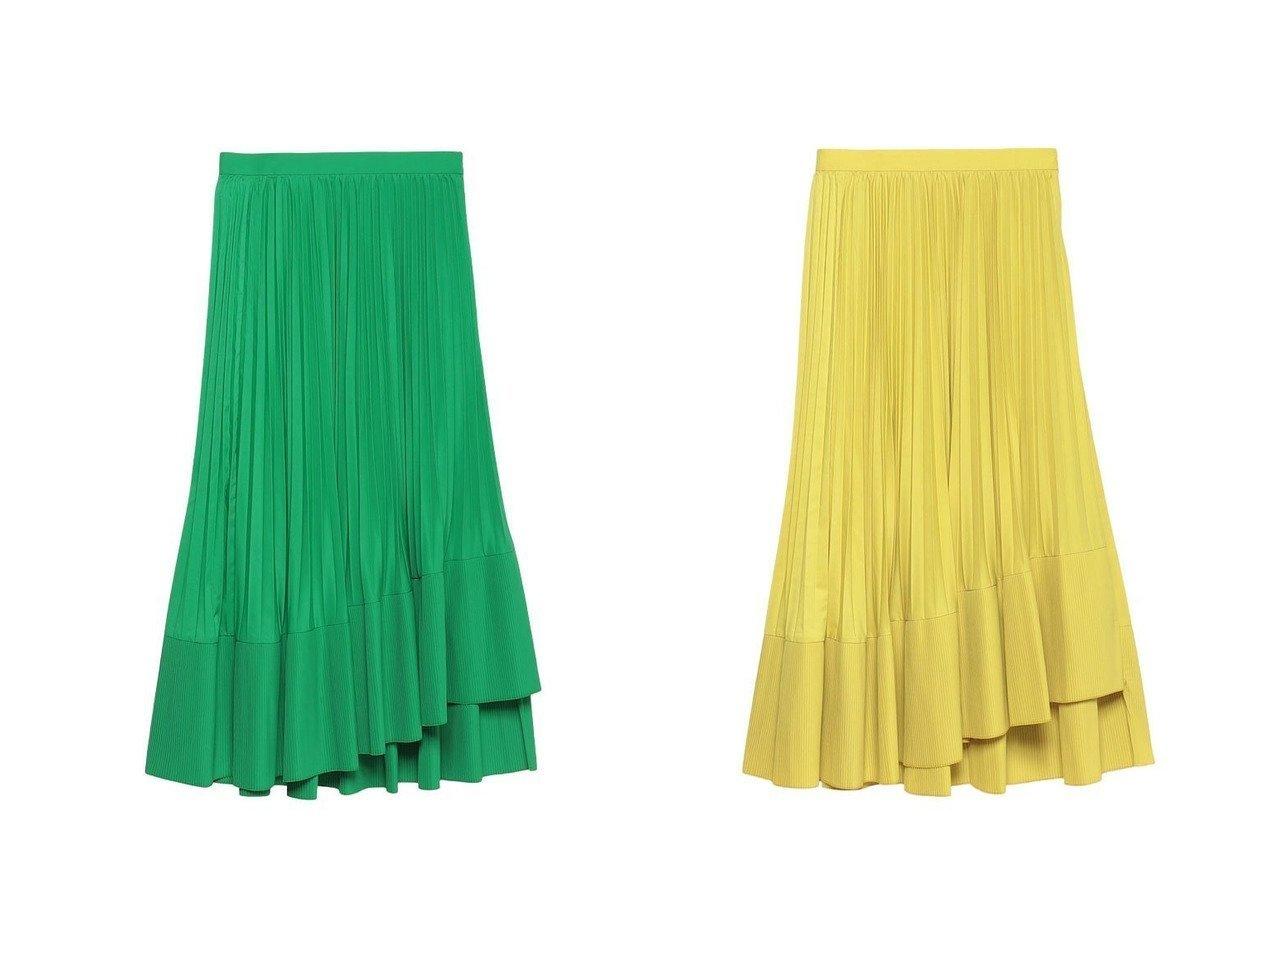 【allureville/アルアバイル】の【LOULOU WILLOUGHBY】ティアードプリーツスカート 【スカート】おすすめ!人気、トレンド・レディースファッションの通販   おすすめで人気の流行・トレンド、ファッションの通販商品 メンズファッション・キッズファッション・インテリア・家具・レディースファッション・服の通販 founy(ファニー) https://founy.com/ ファッション Fashion レディースファッション WOMEN スカート Skirt プリーツスカート Pleated Skirts アシメトリー スニーカー ティアード バランス プリーツ マキシ |ID:crp329100000026854